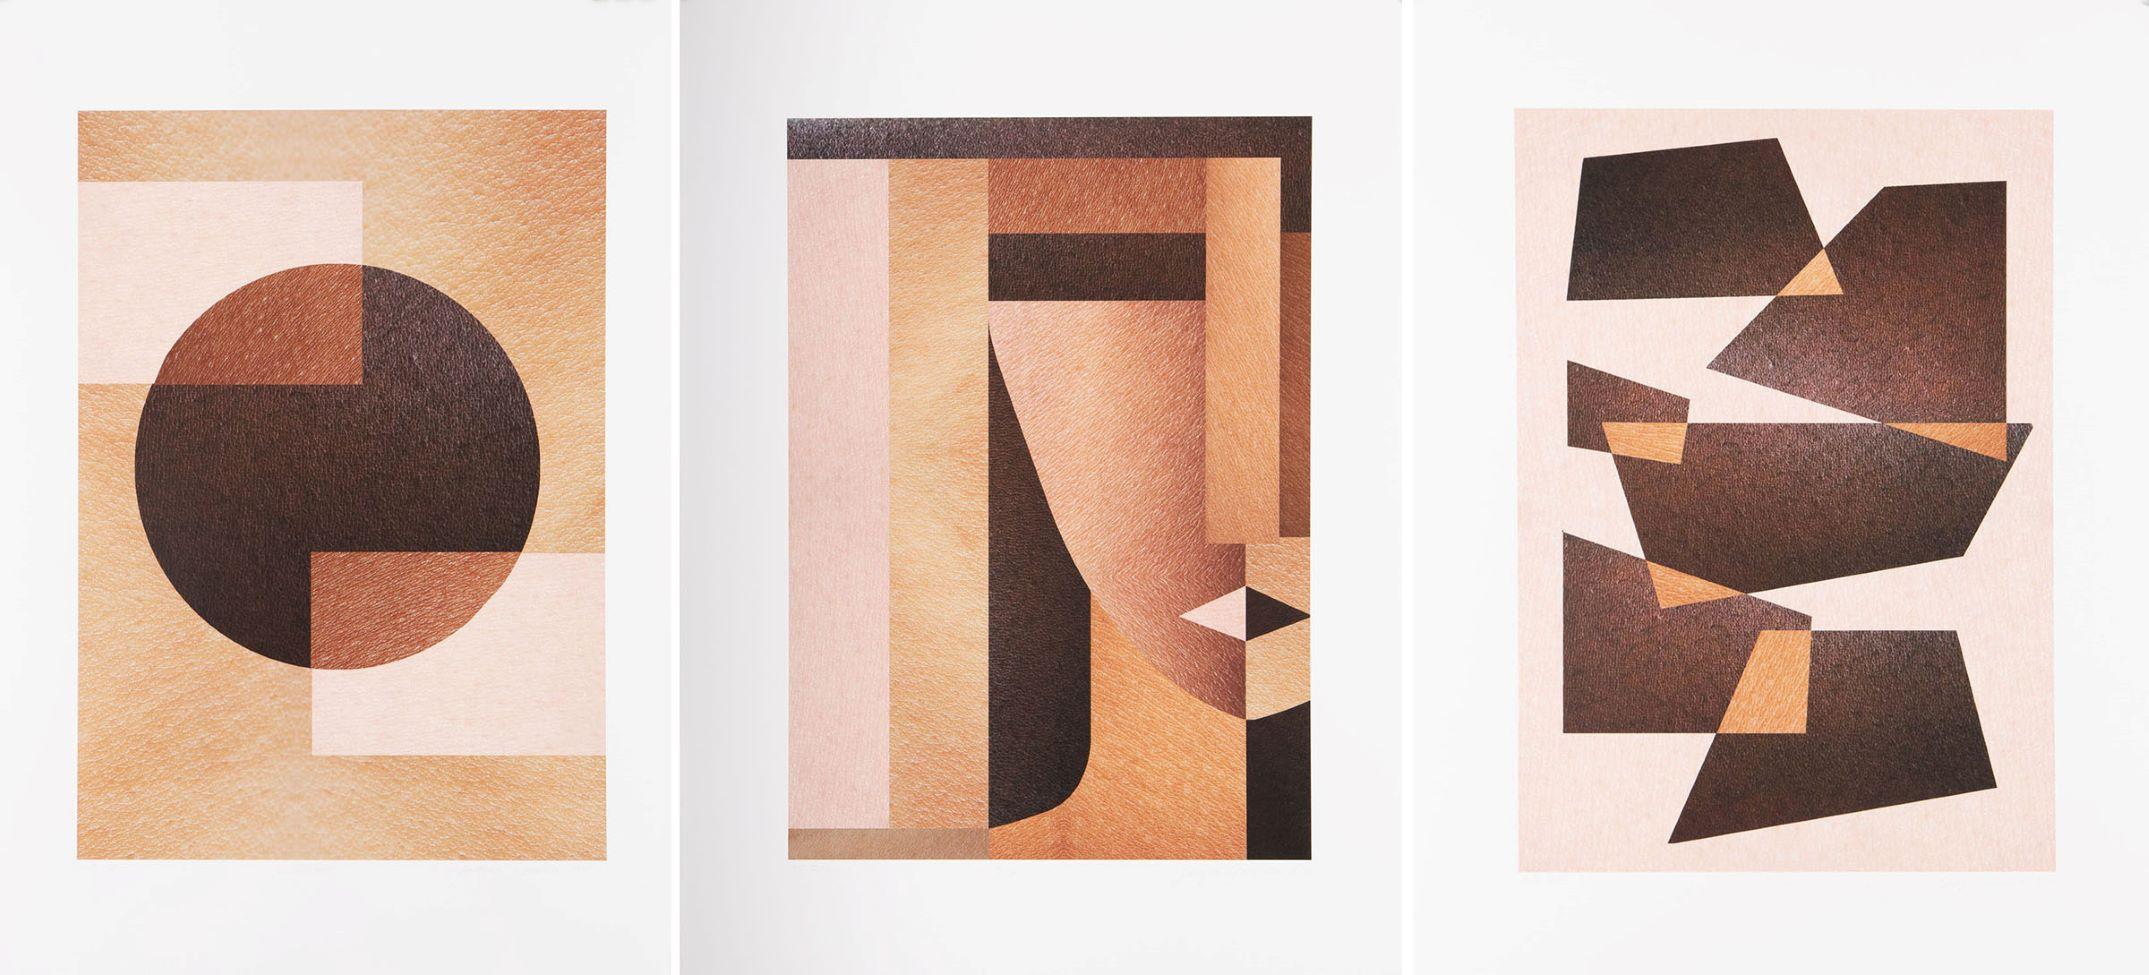 Justyna Górowska, Origins. Konstruktywistyczne marzenie równości, 2019-2021, druk pigmentowy/papier Hahnemühle Photo Rag 308 gsm, 80 x 62 cm ed. 1/4 + AP